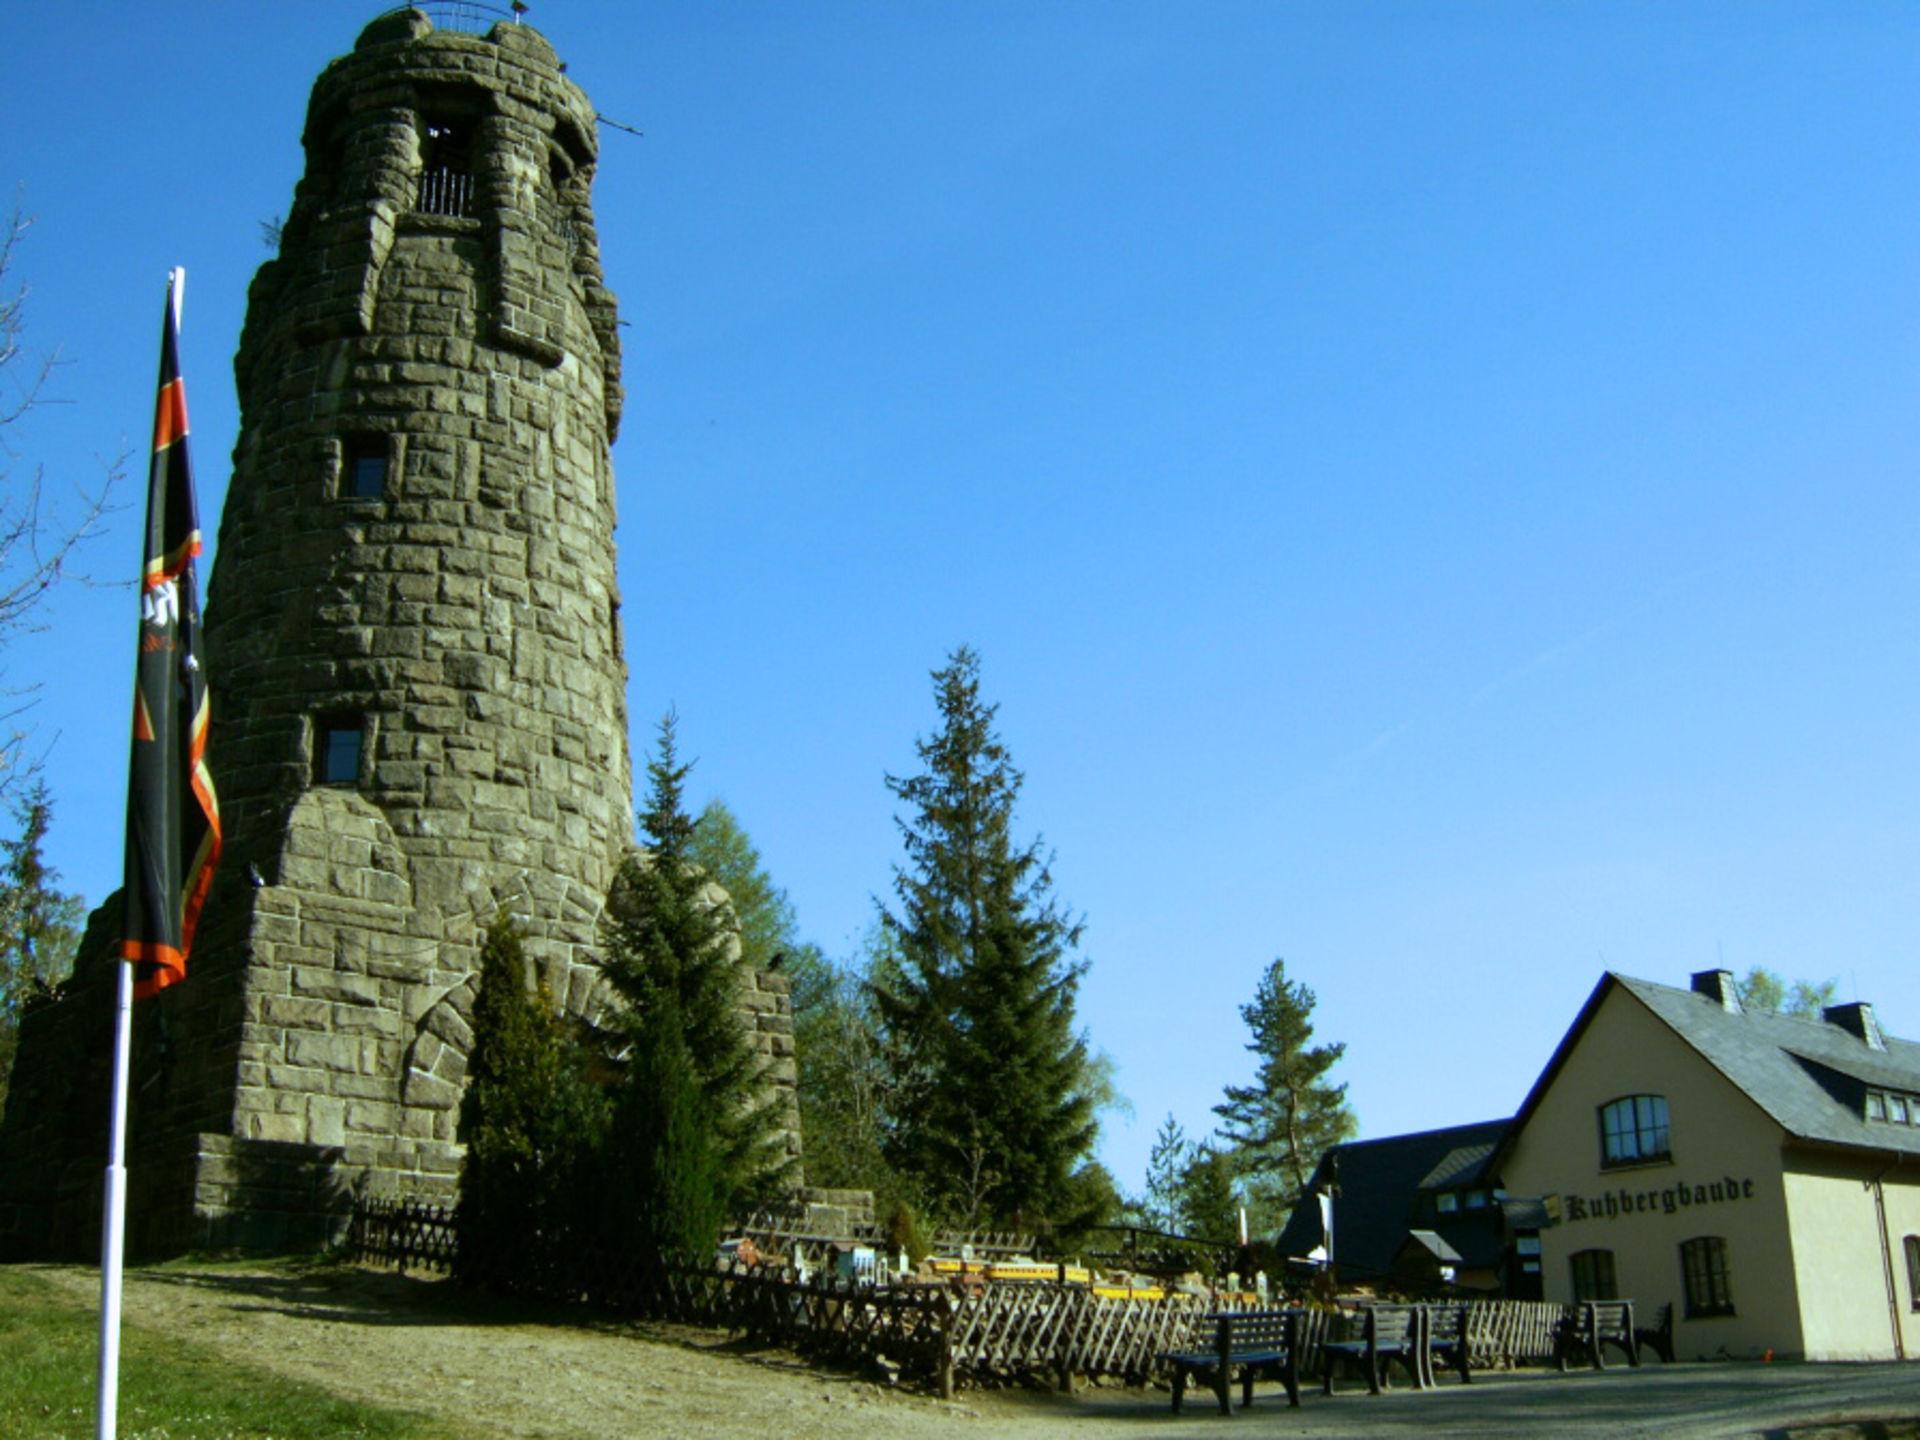 Aussichtsturm auf dem Kuhberg  © Gaststätte Kuhbergbaude